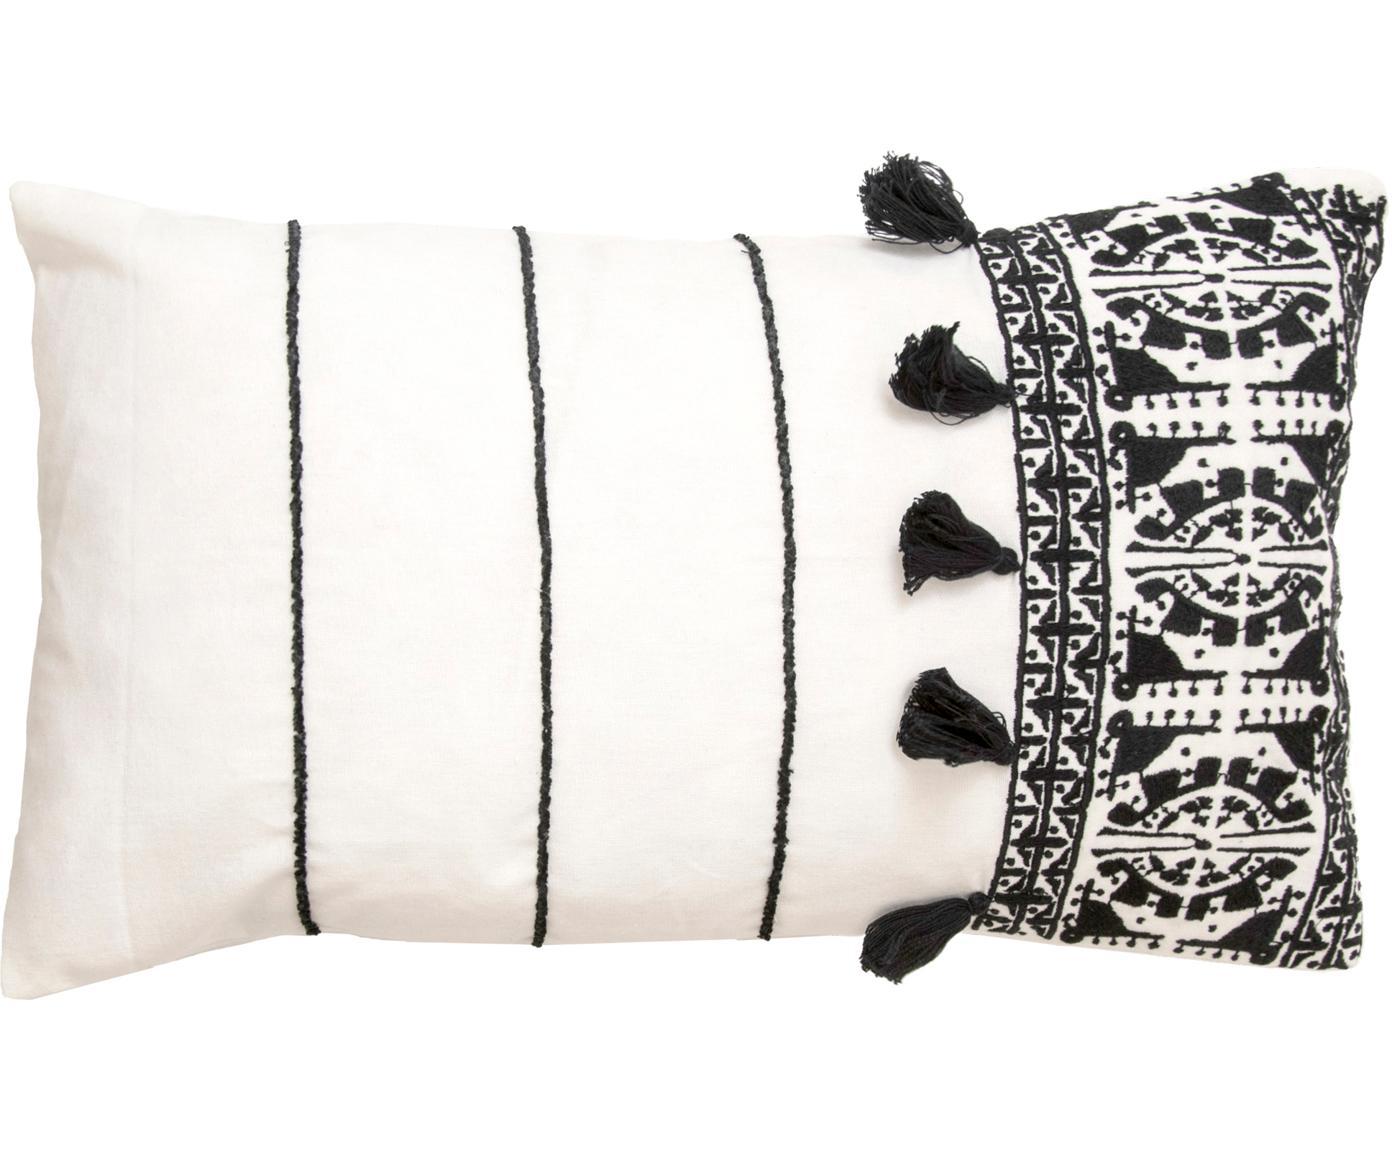 Haftowana poszewka na poduszkę z chwostami Neo Berbère, 100% bawełna, Biały, czarny, S 30 x D 50 cm